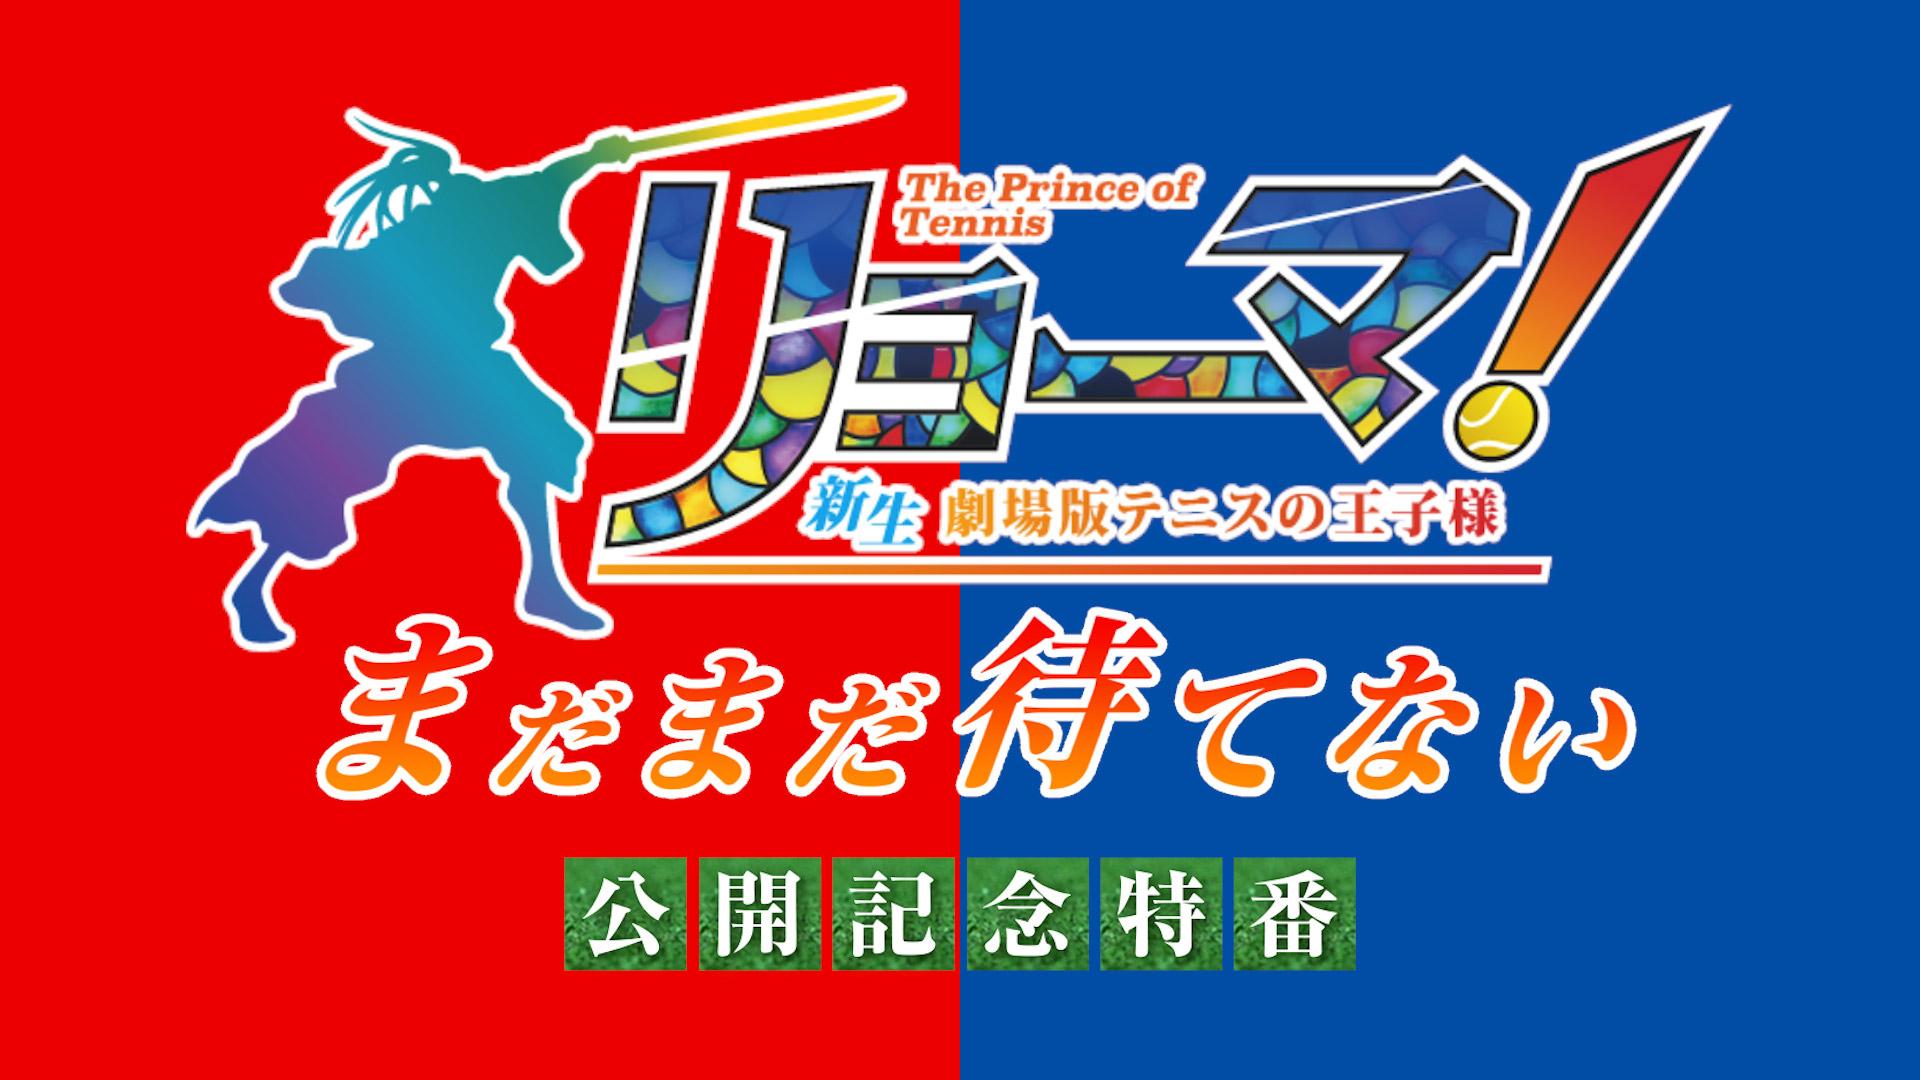 テレビ東京「リョーマ!The Prince of Tennis 新生劇場版テニスの王子様」特番制作